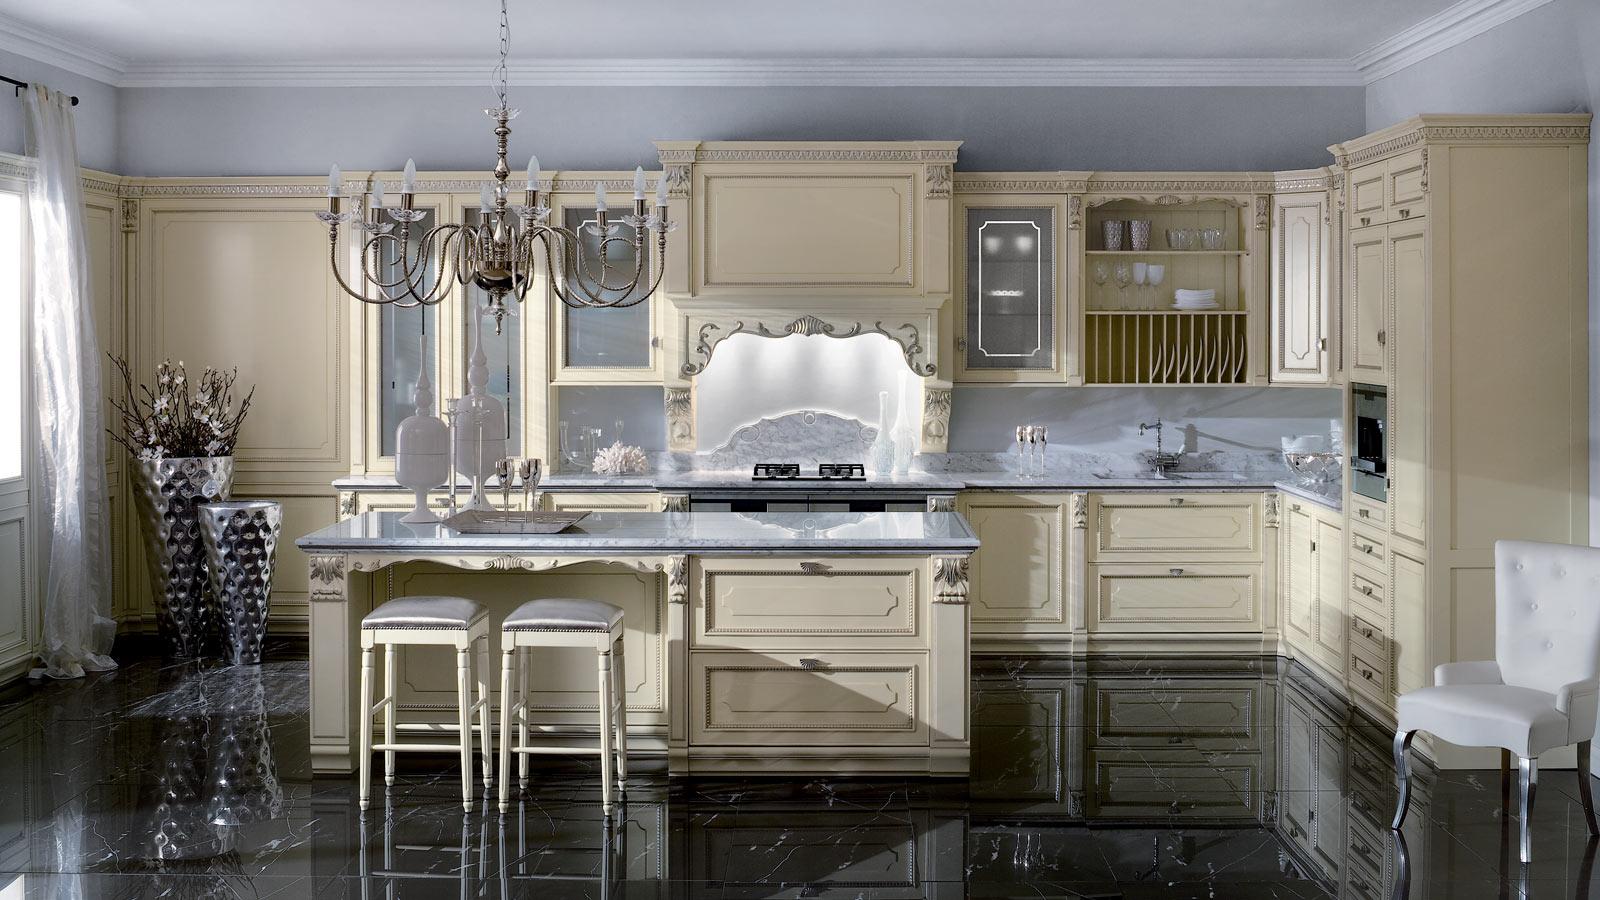 Кухонный гарнитур с серебряным декором